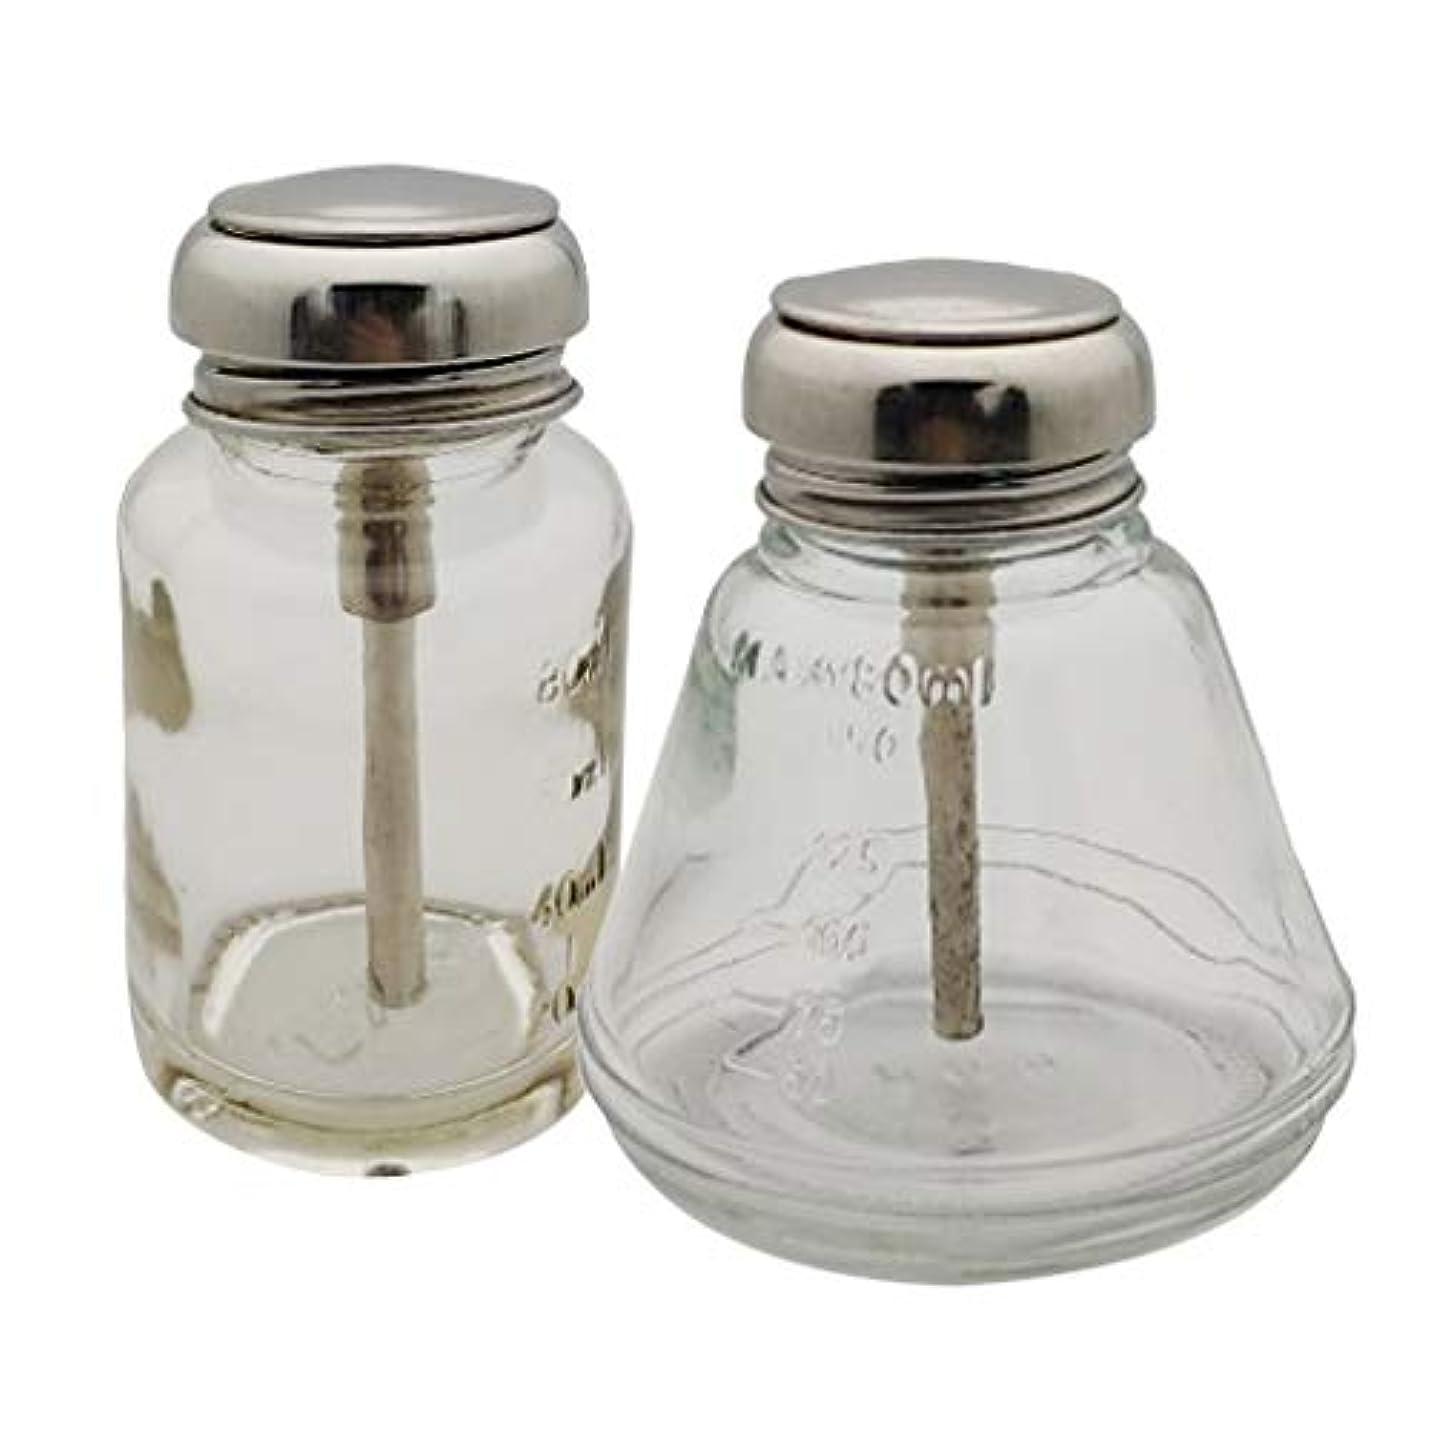 しがみつくシニス食物プレスボトル マニキュア ネイルアート リムーバー ディスペンサーボトル 容器